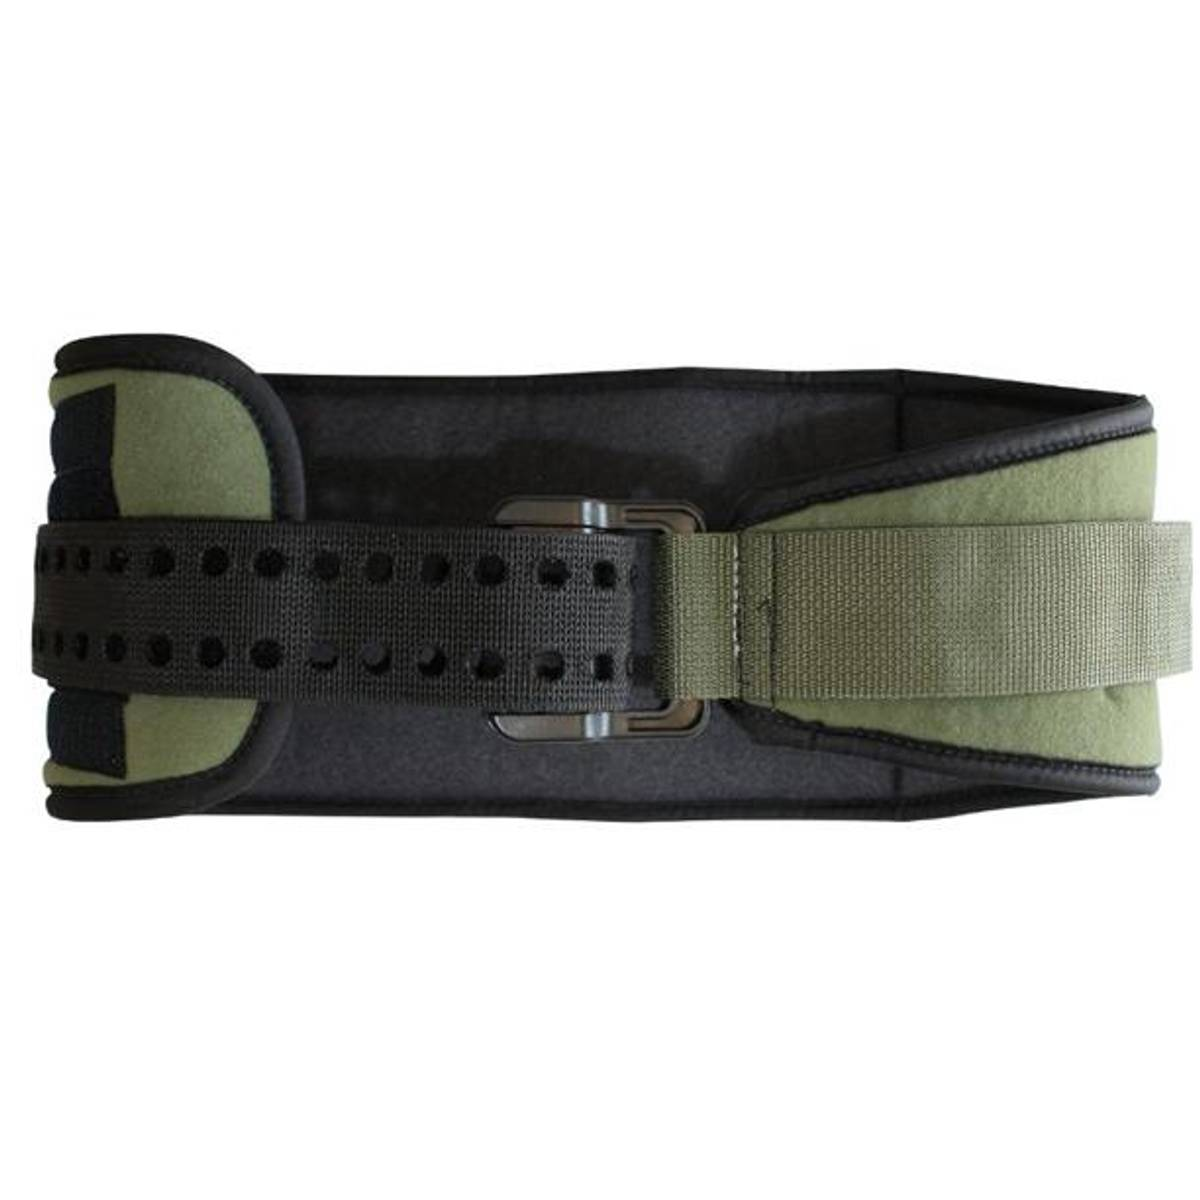 Bekkenstabilisator Sam sling green